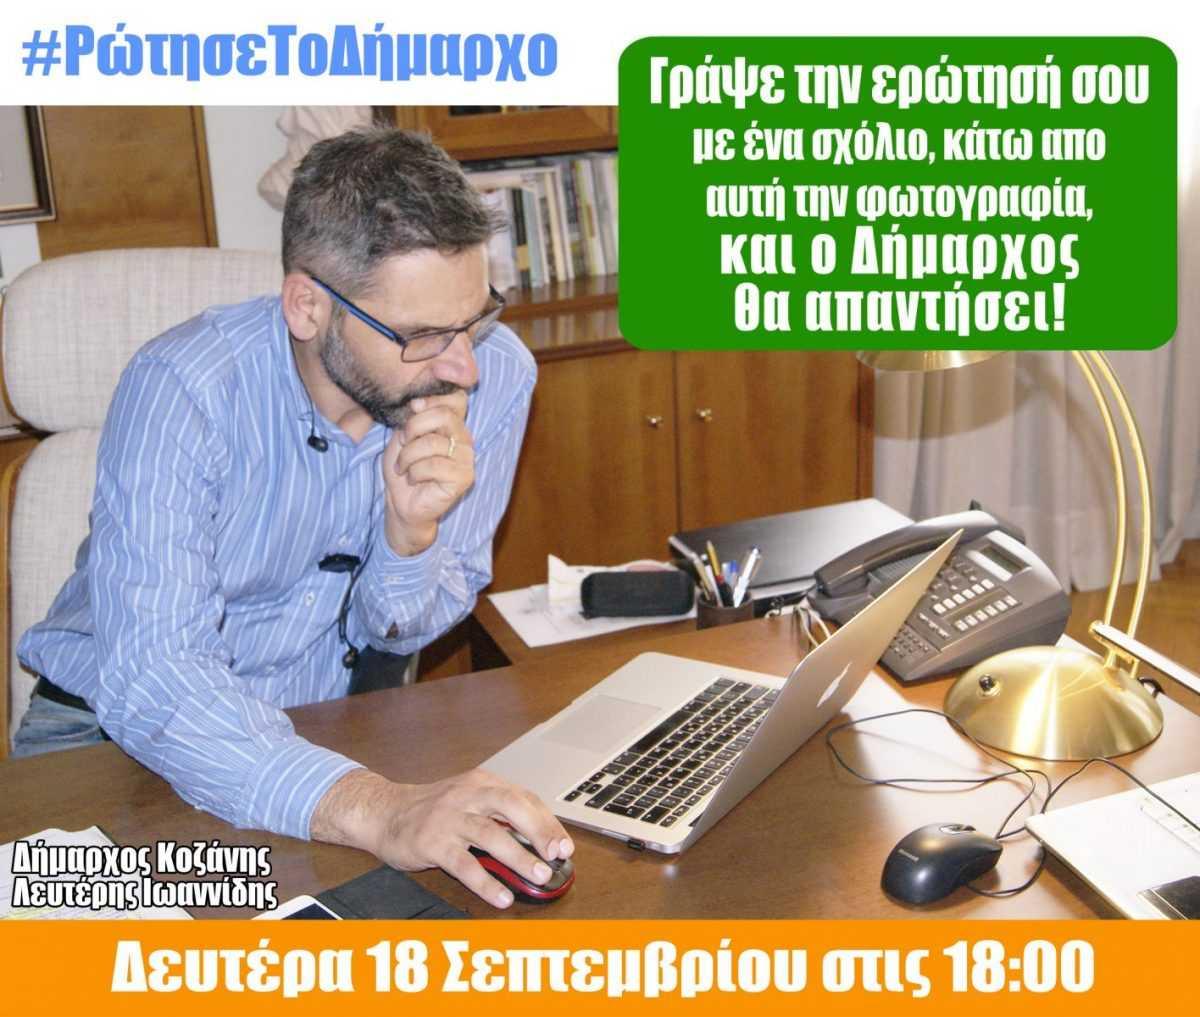 Ανοιχτός διάλογος του Δημάρχου Κοζάνης Λευτέρη Ιωαννίδη με τους δημότες μέσω facebook - Tη Δευτέρα 18 Σεπτεμβρίου στις 6 το απόγευμα